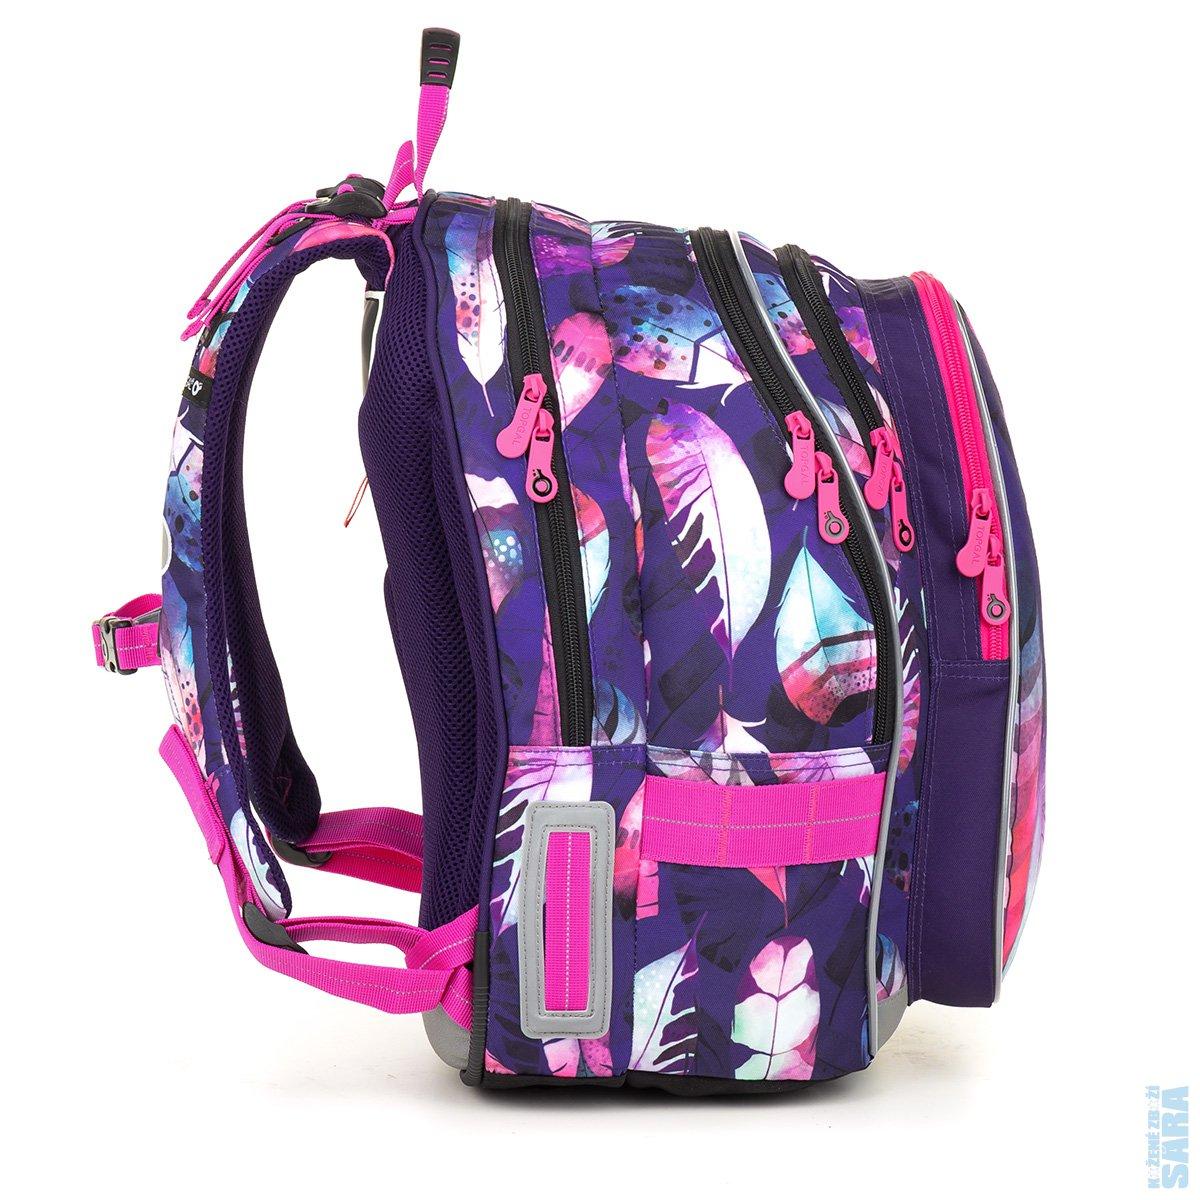 6d0ecaa5526 Školní batoh LYNN 18009 G